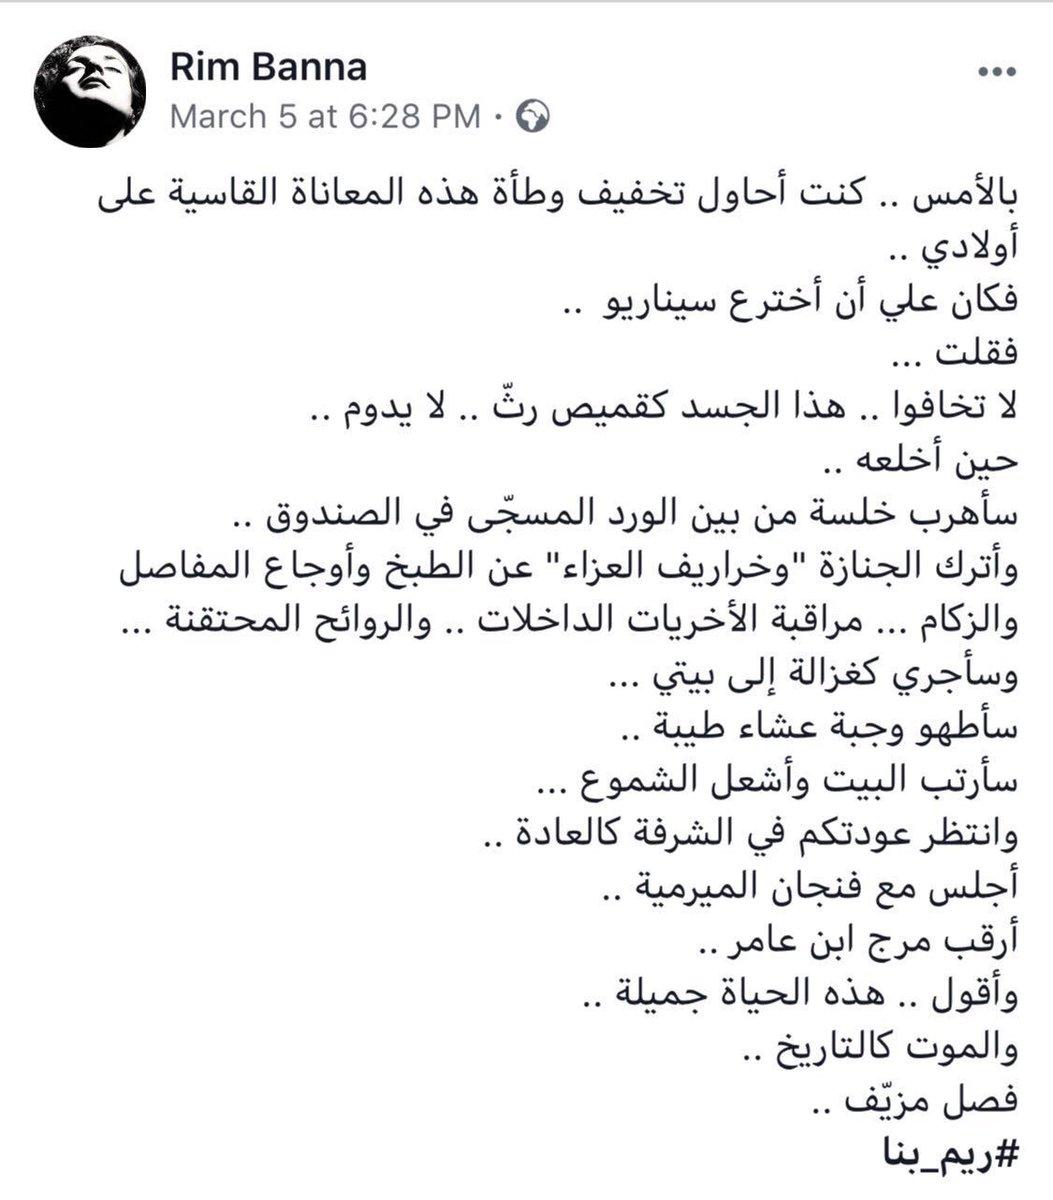 فيروز Fairouz's photo on #ريم_بنا